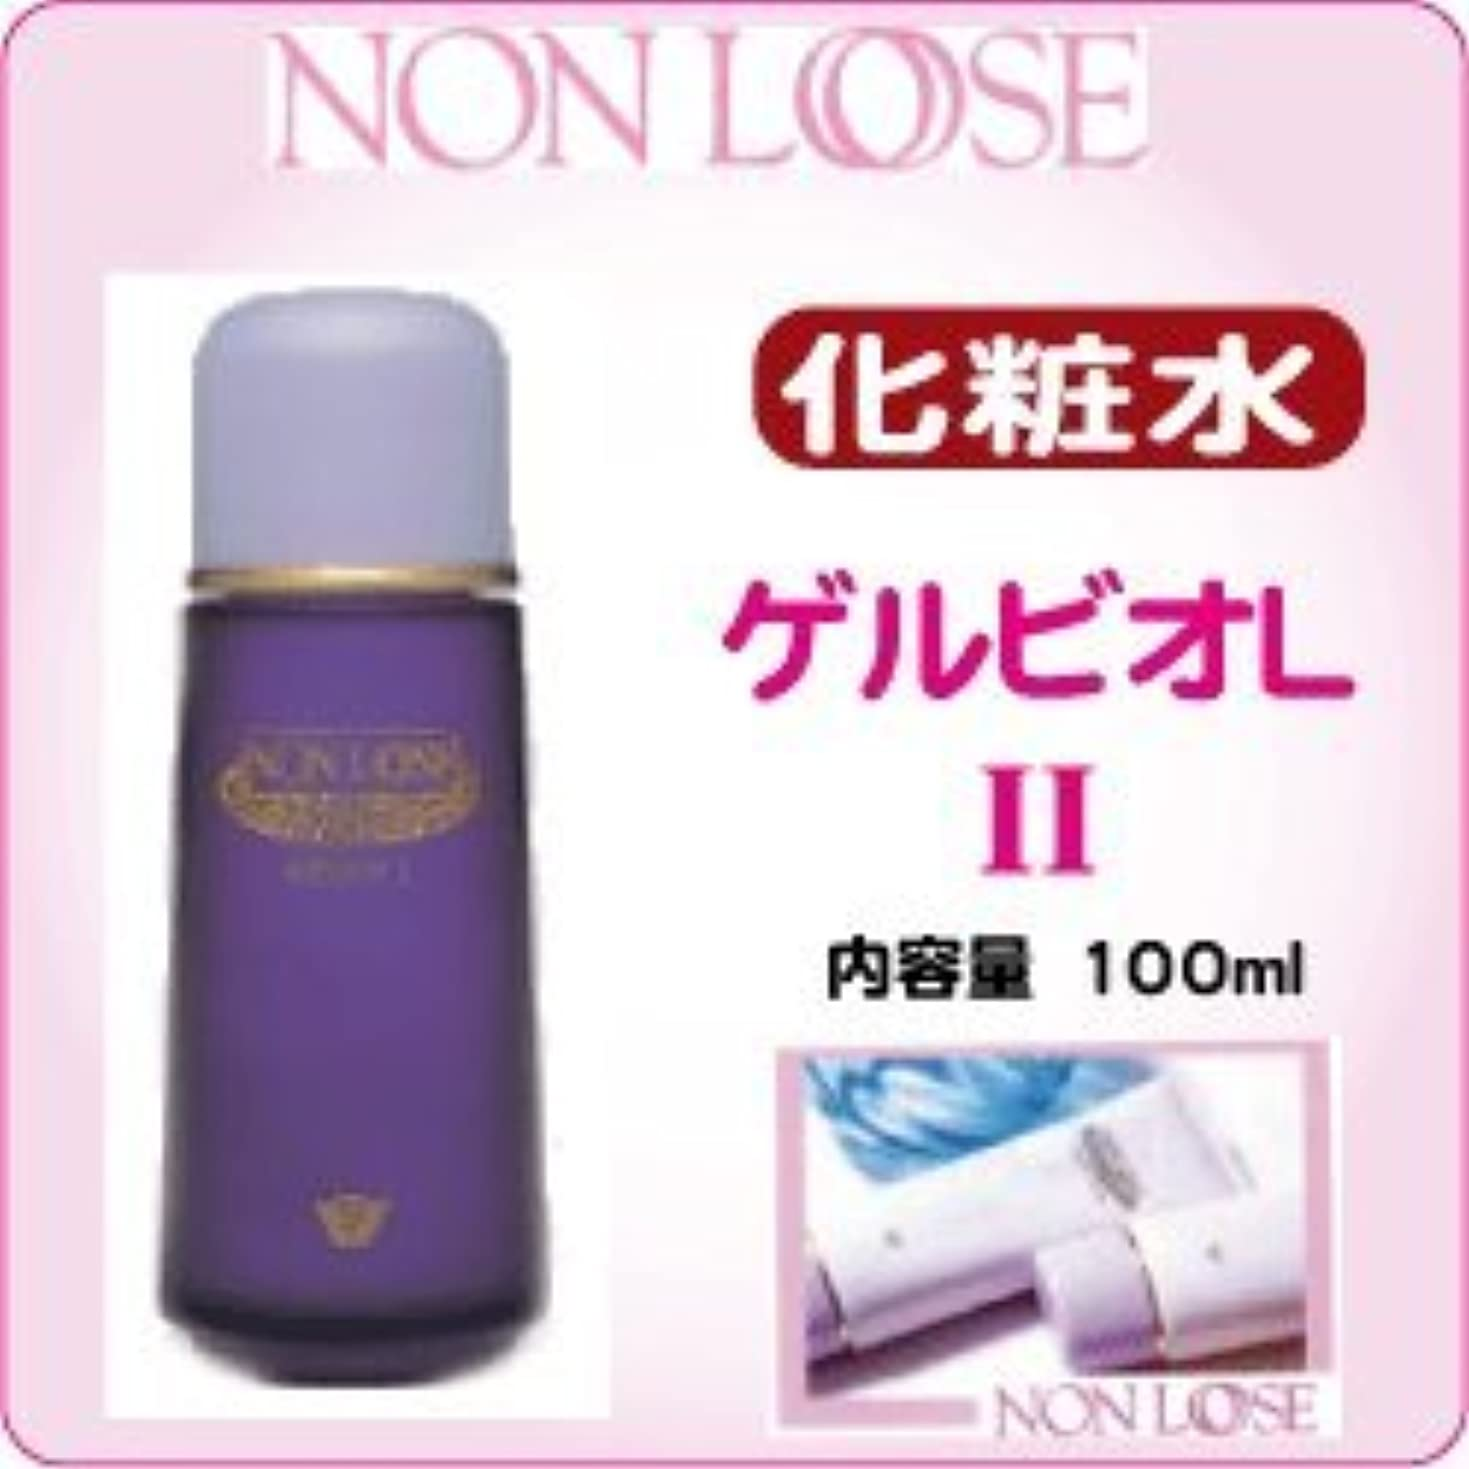 参照明確な疎外するベルマン化粧品:ゲルビオL-Ⅱ(100ml)